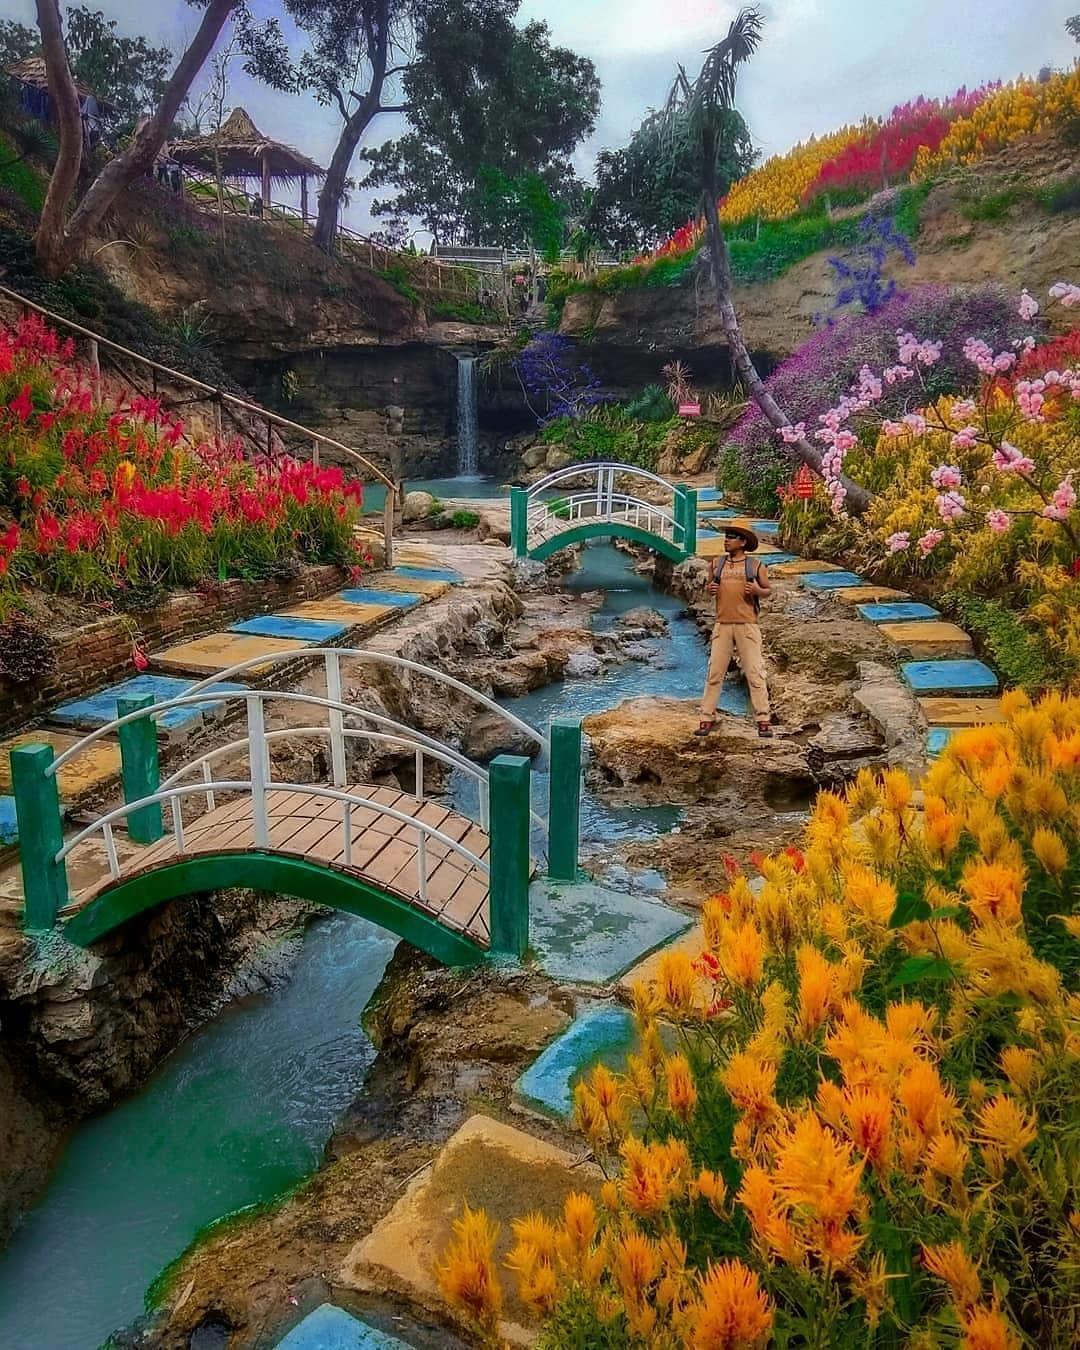 Taman Wisata Padas Grojok